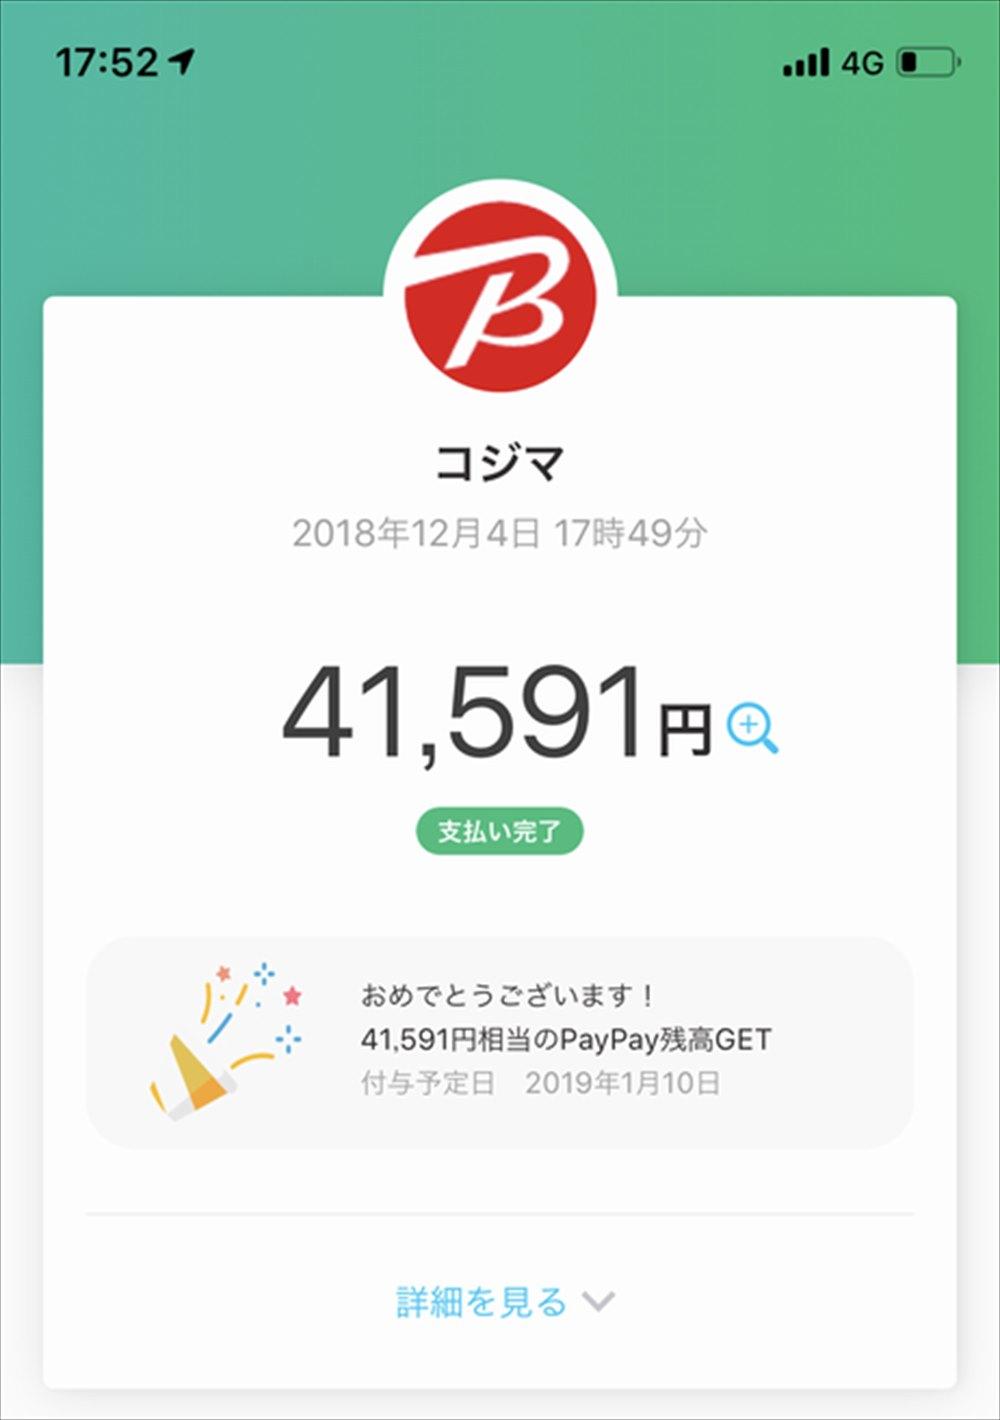 コジマ×ビックカメラ那覇店でPayPay決済3